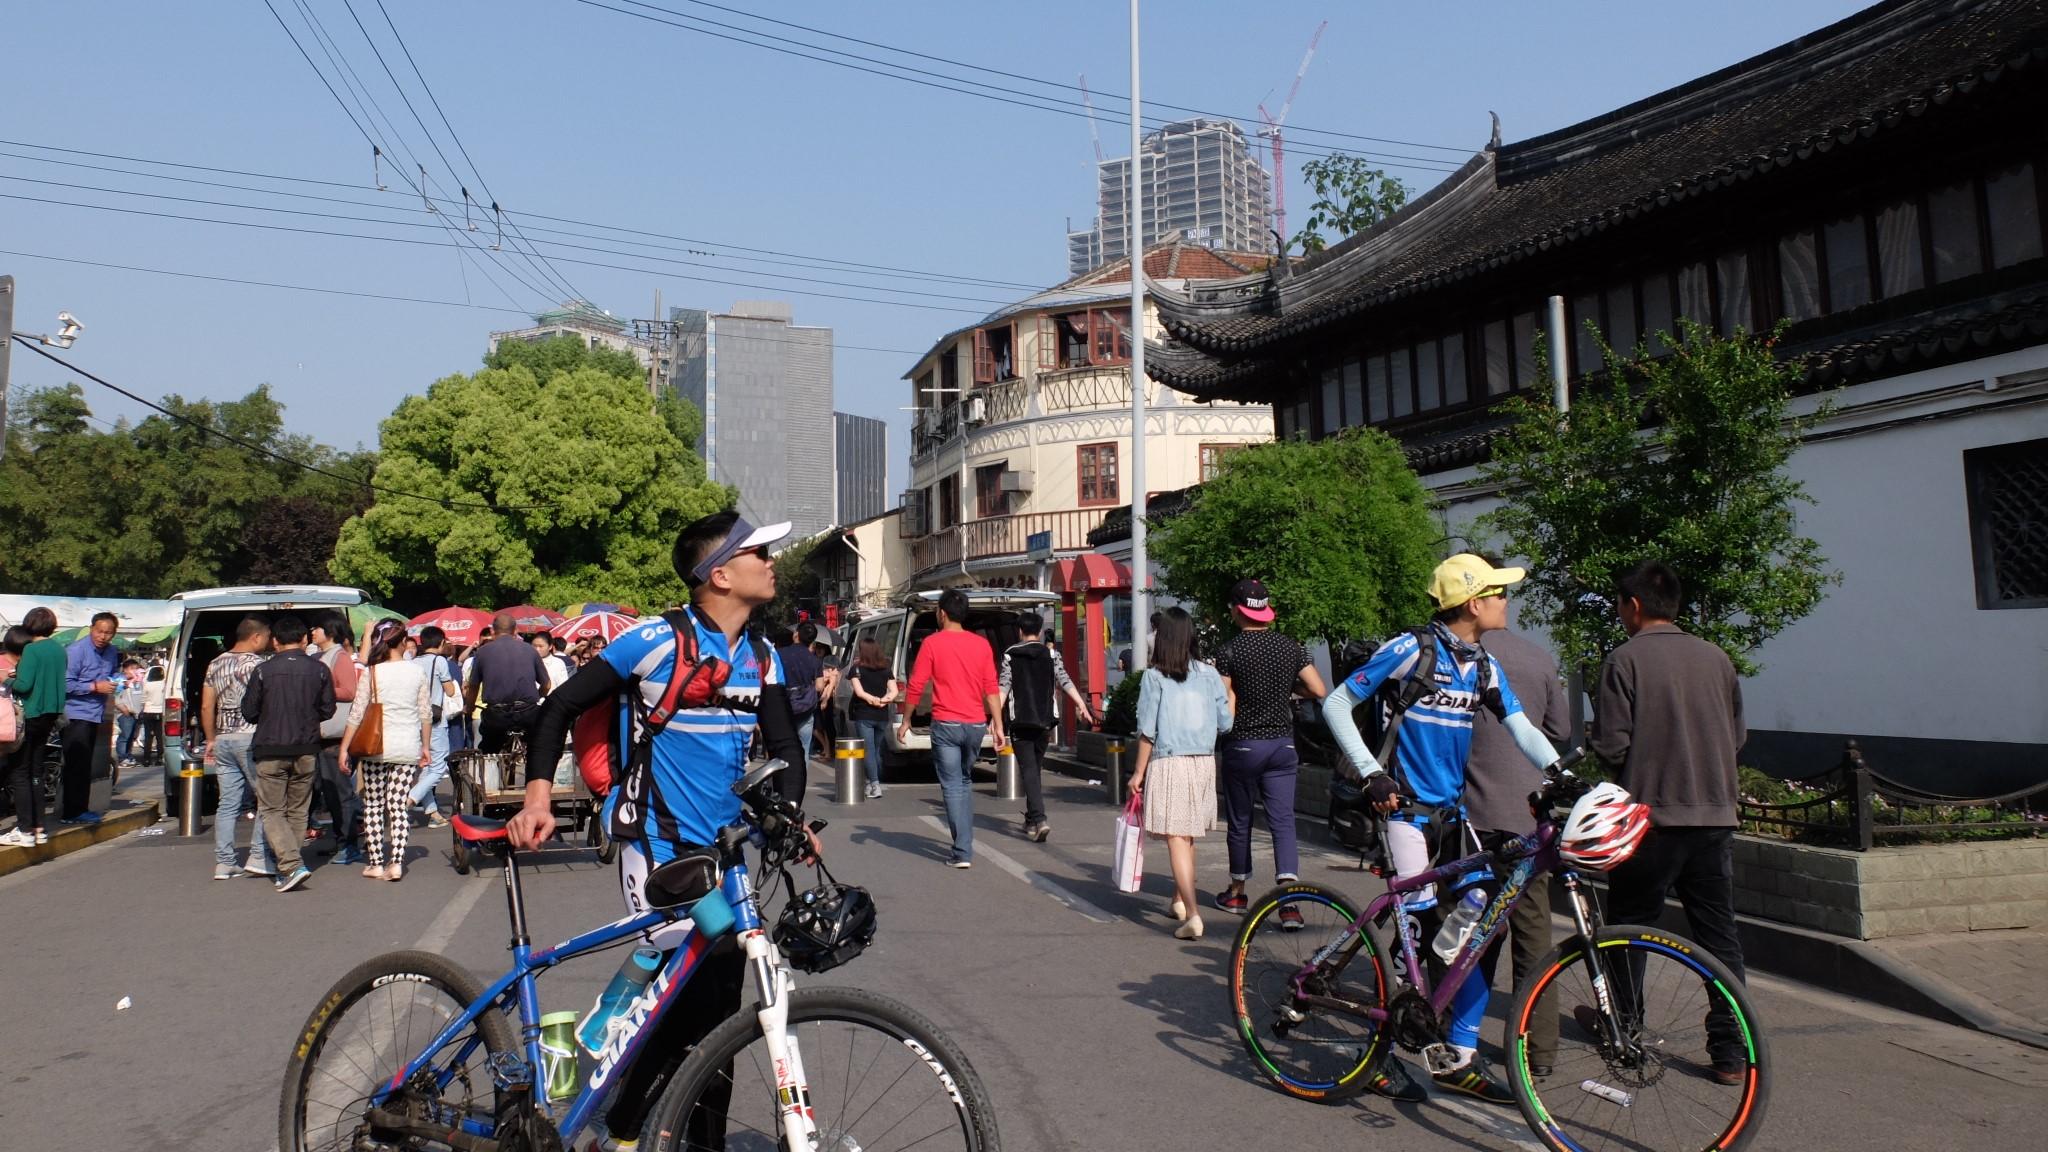 増え続ける中国の市民ランナーの海外大会への関心